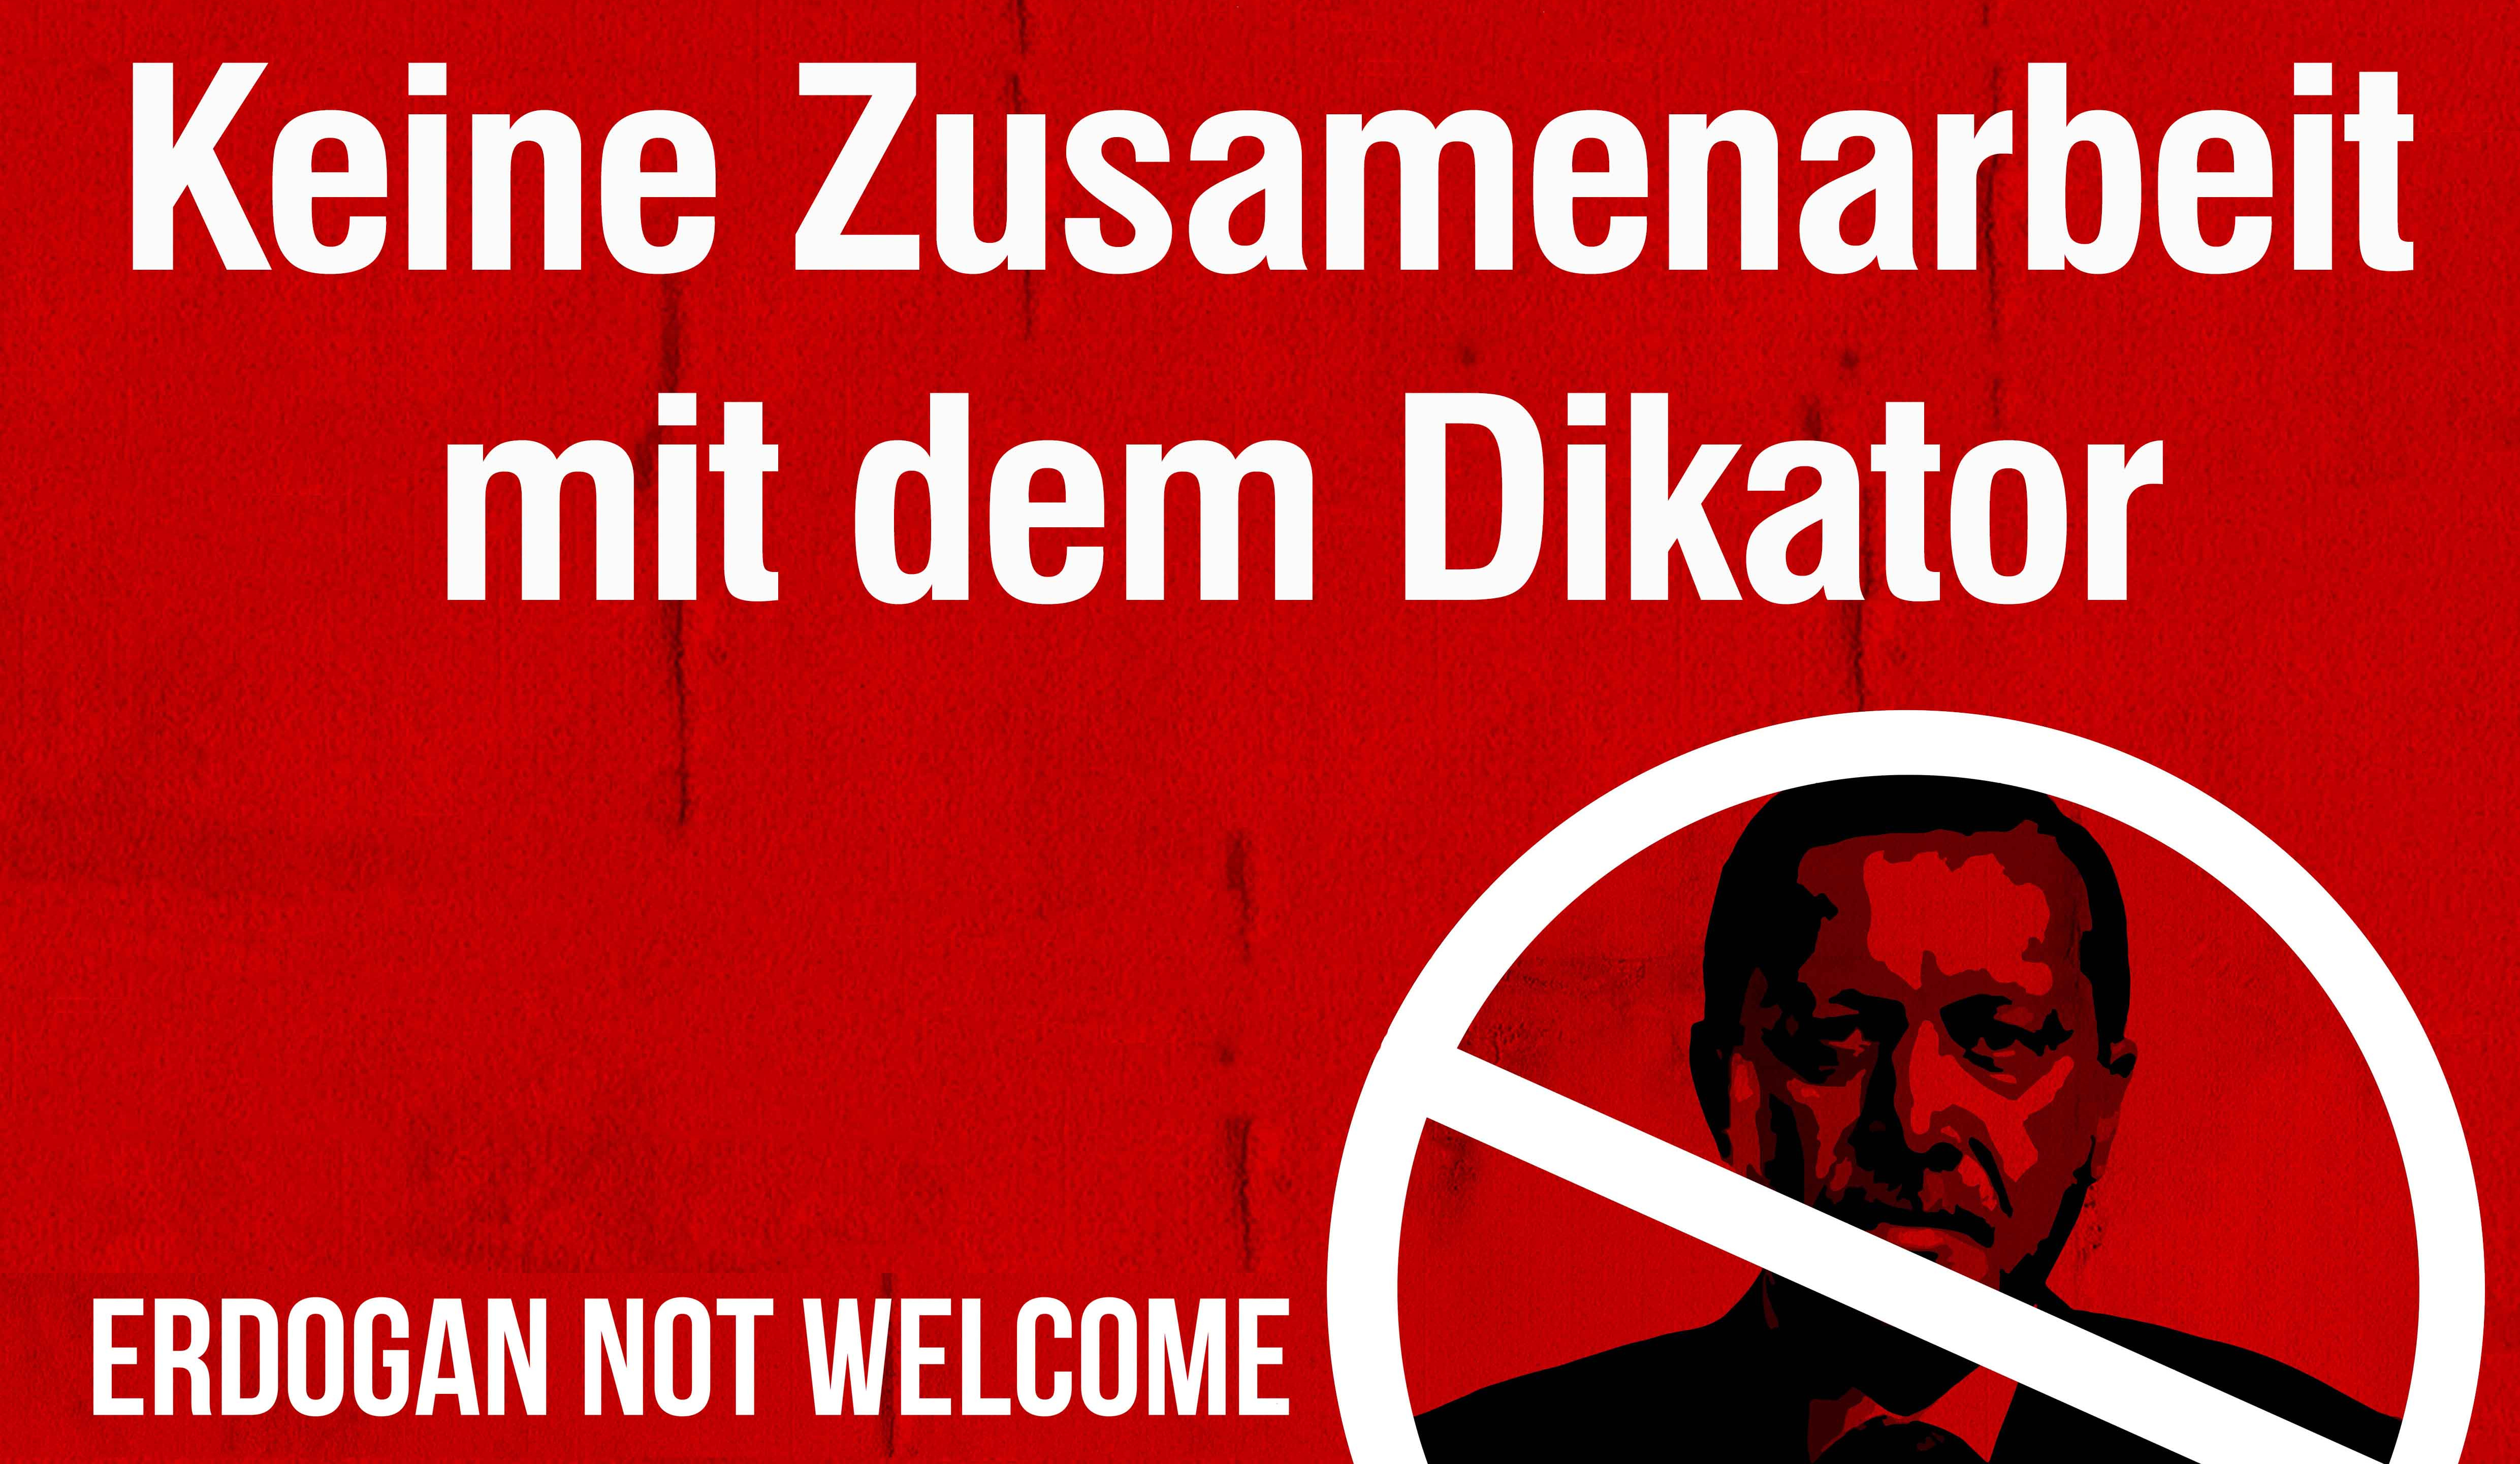 ErdoganNotWelcome_Hannover